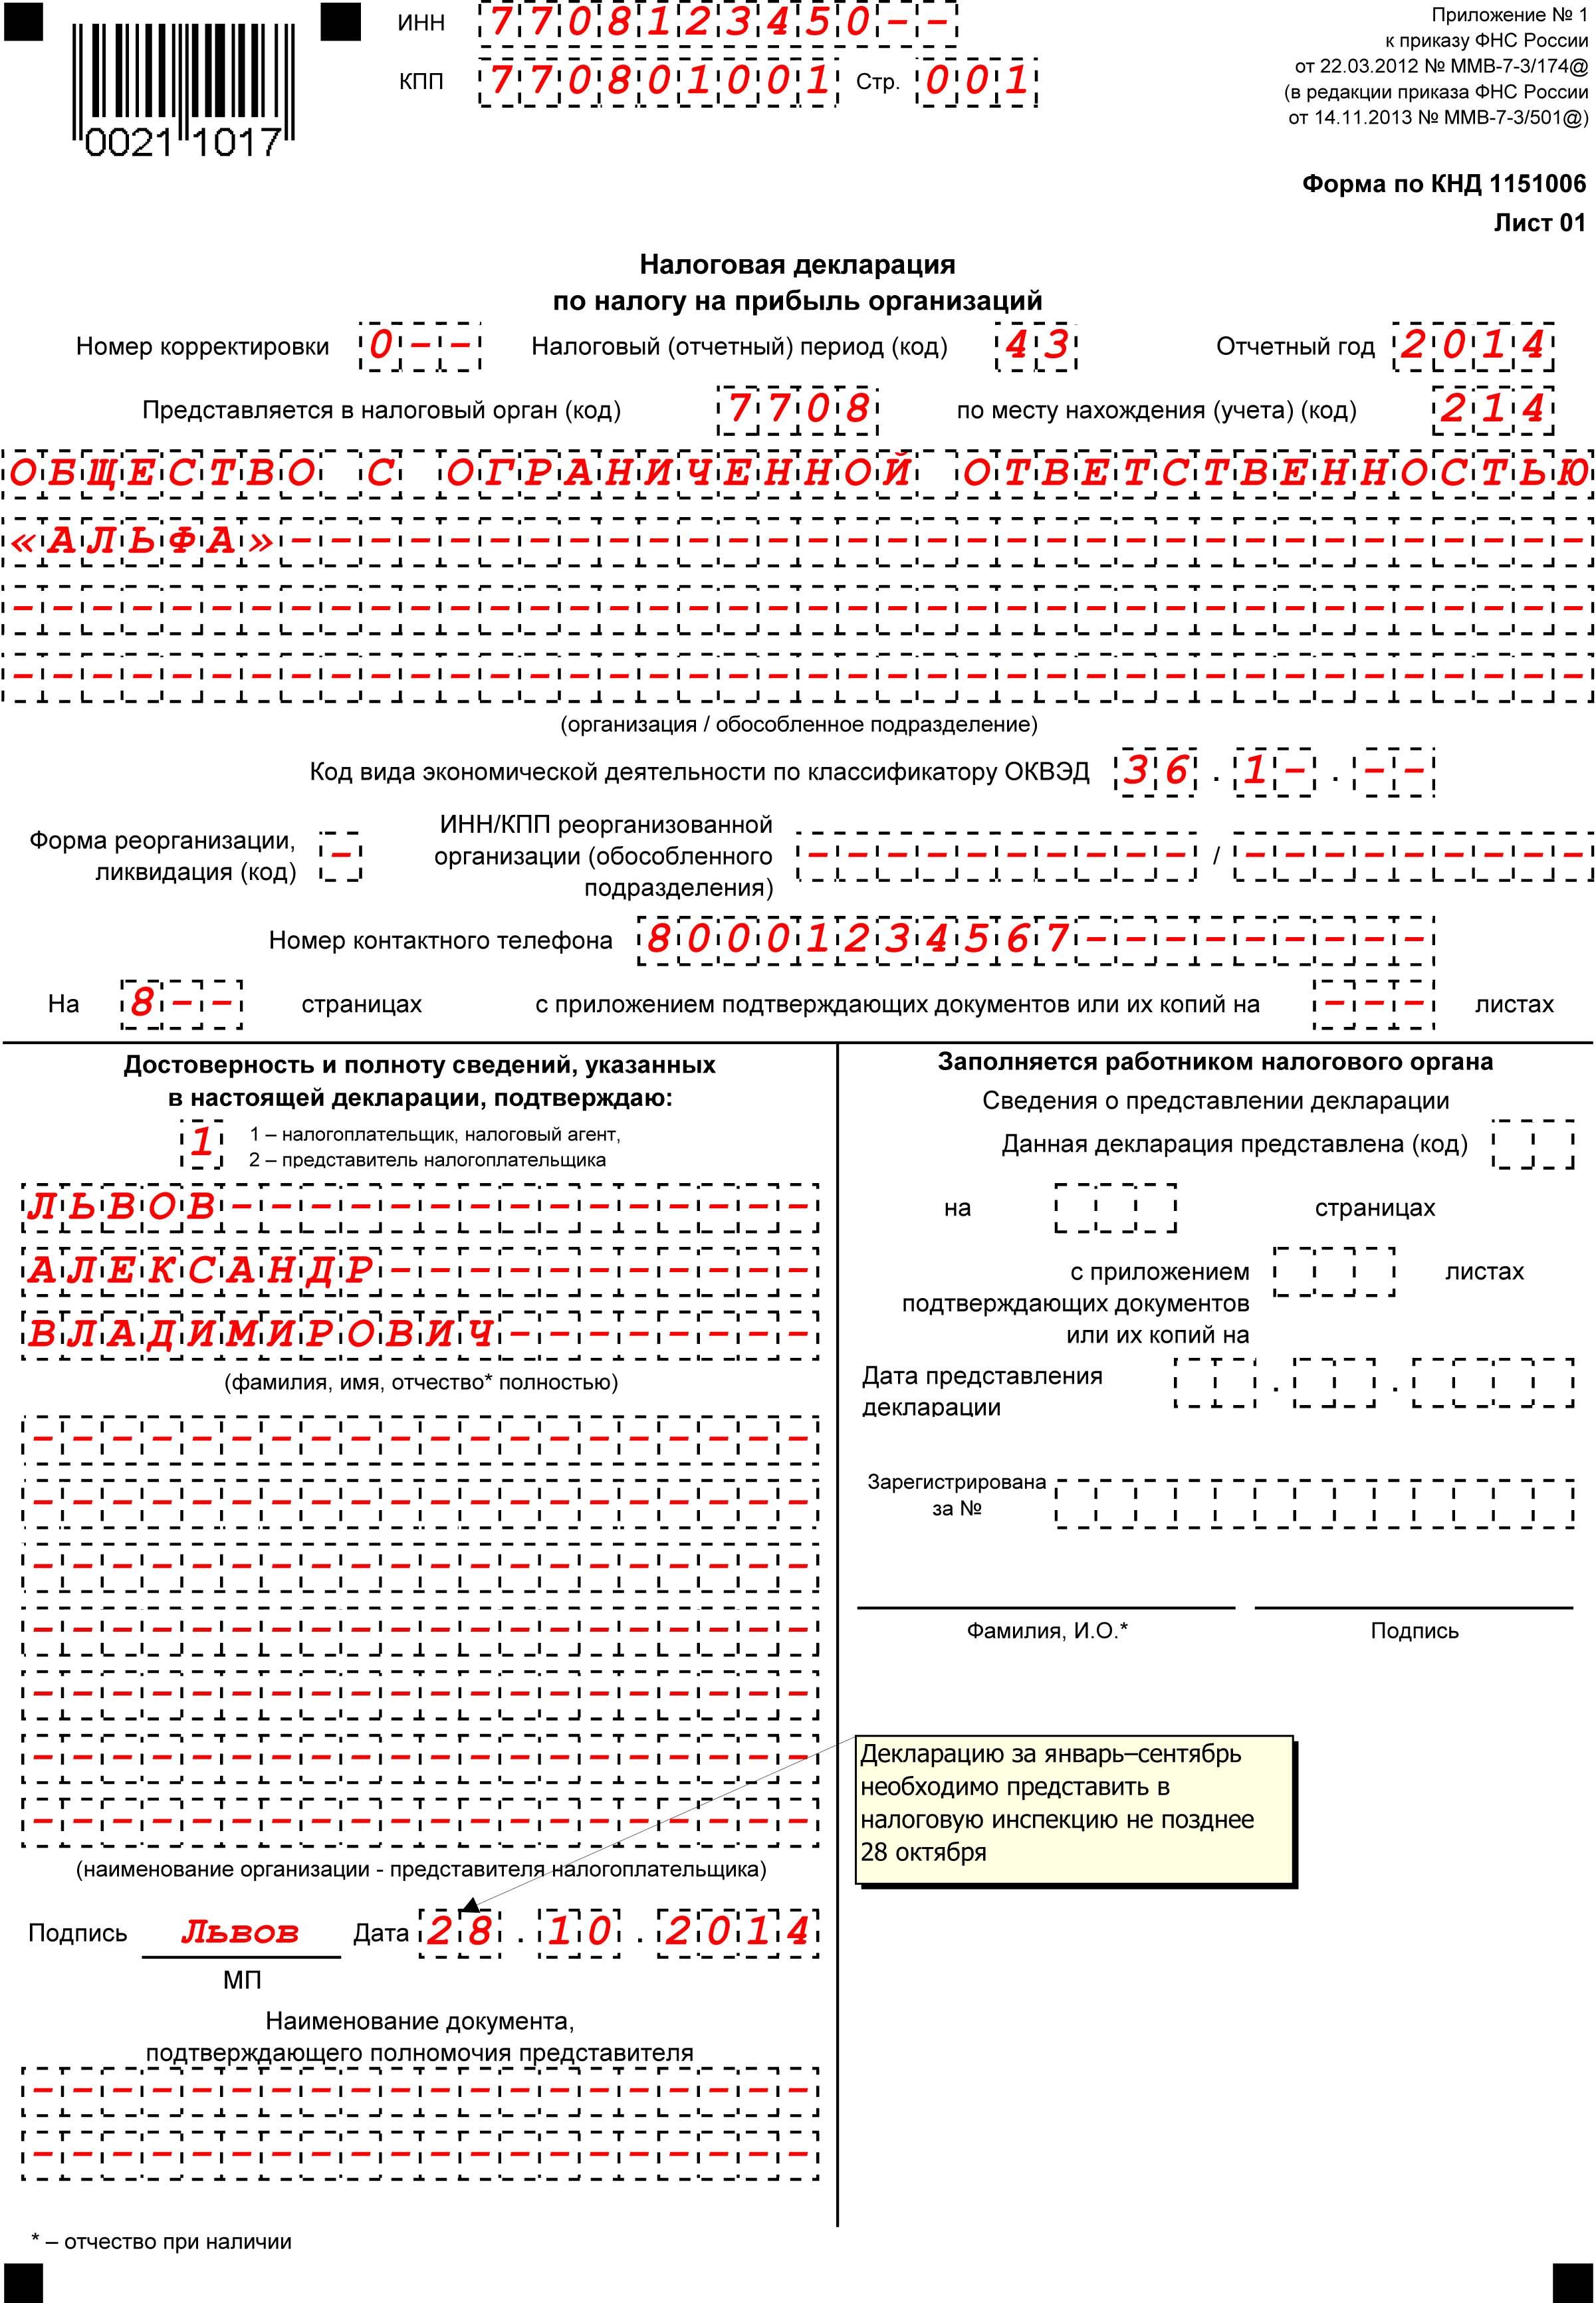 Скачать Бесплатно Бланк Декларации По Налогу На Прибыль 2013